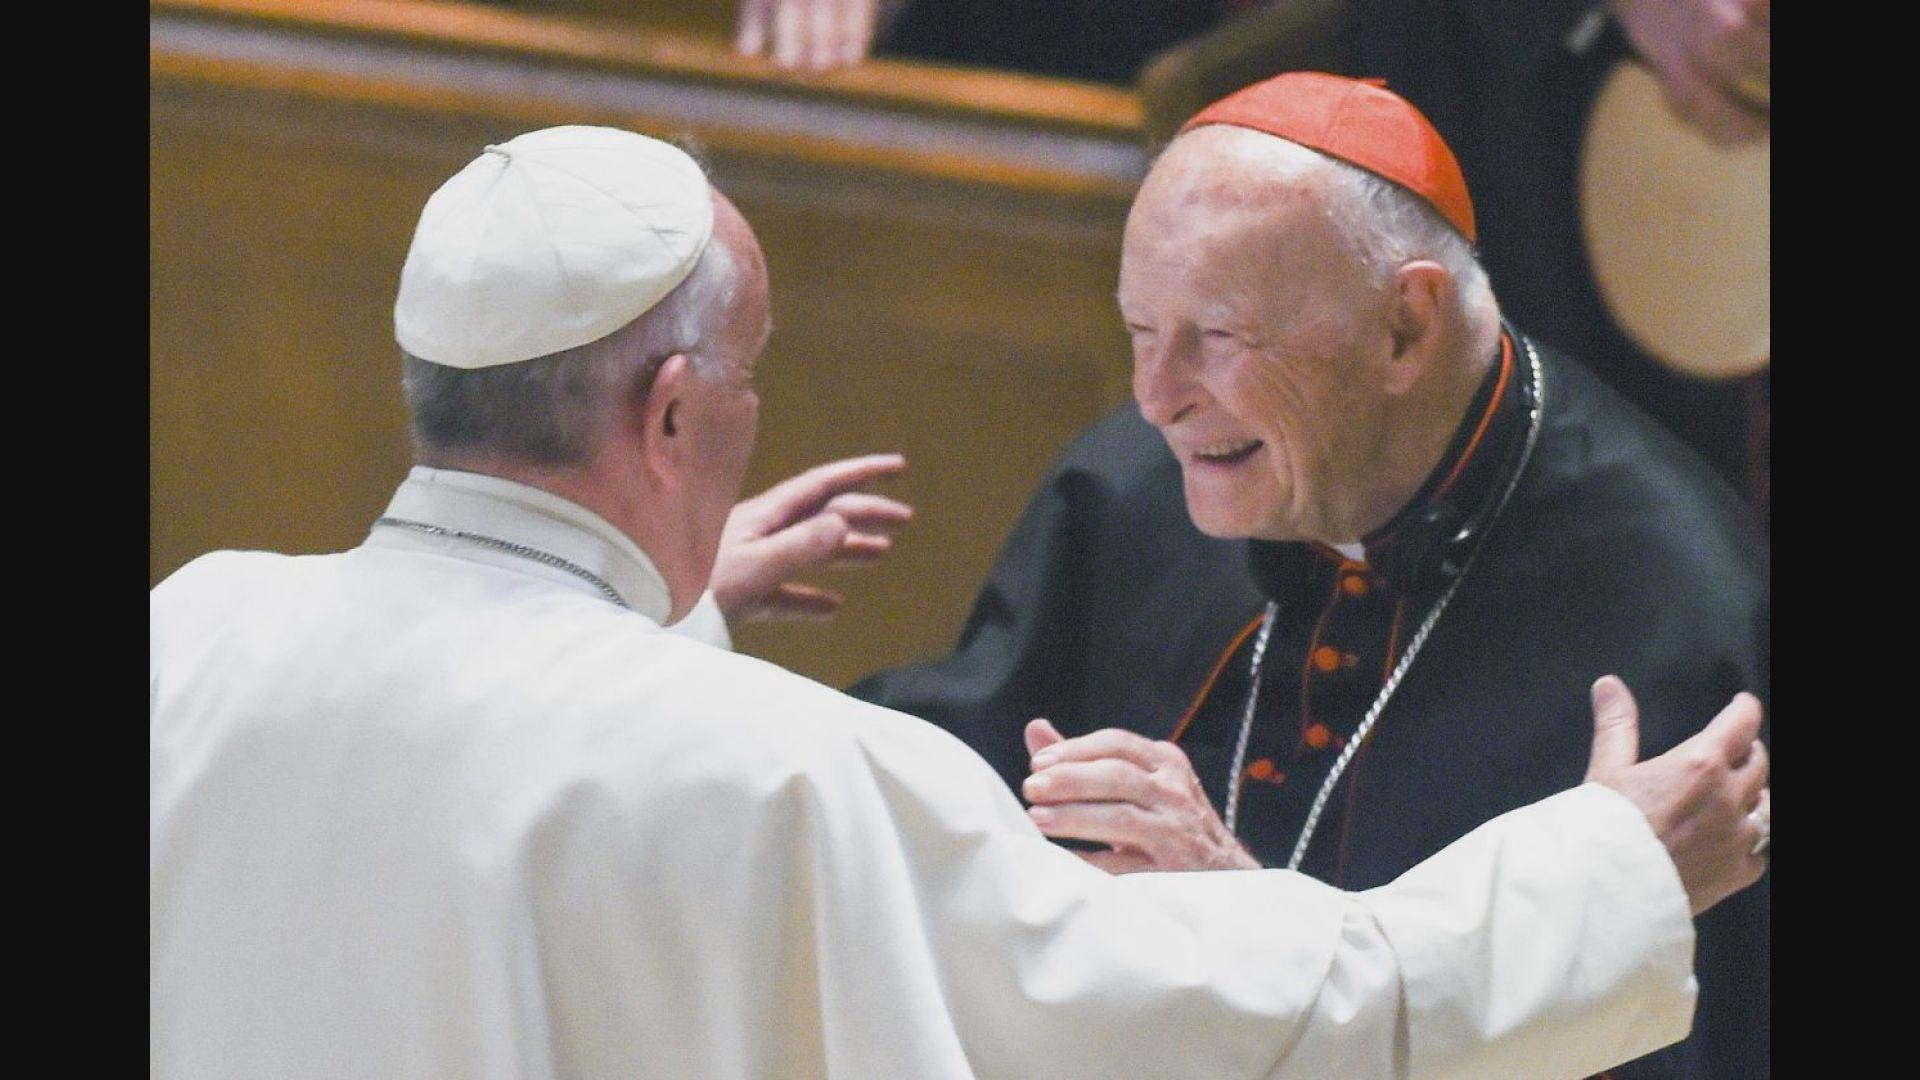 教宗被指隱瞞神職人員性侵行為